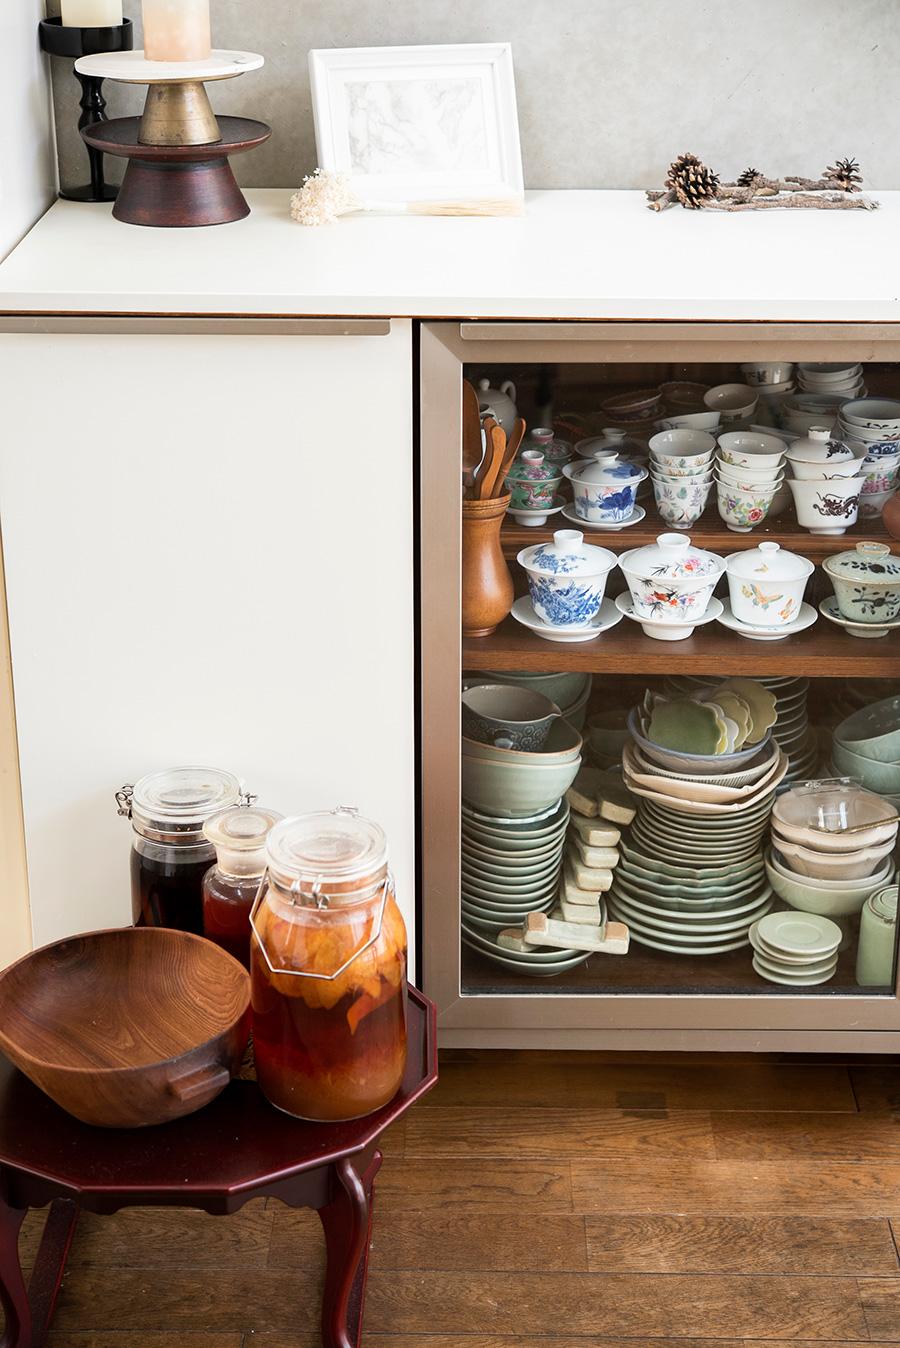 ベトナムのバッチャン焼きなど、キャビネットにはアジアの陶器がひしめく。左手前はお手製のプラム酢。ジュースにしたり、お料理に使ったり。